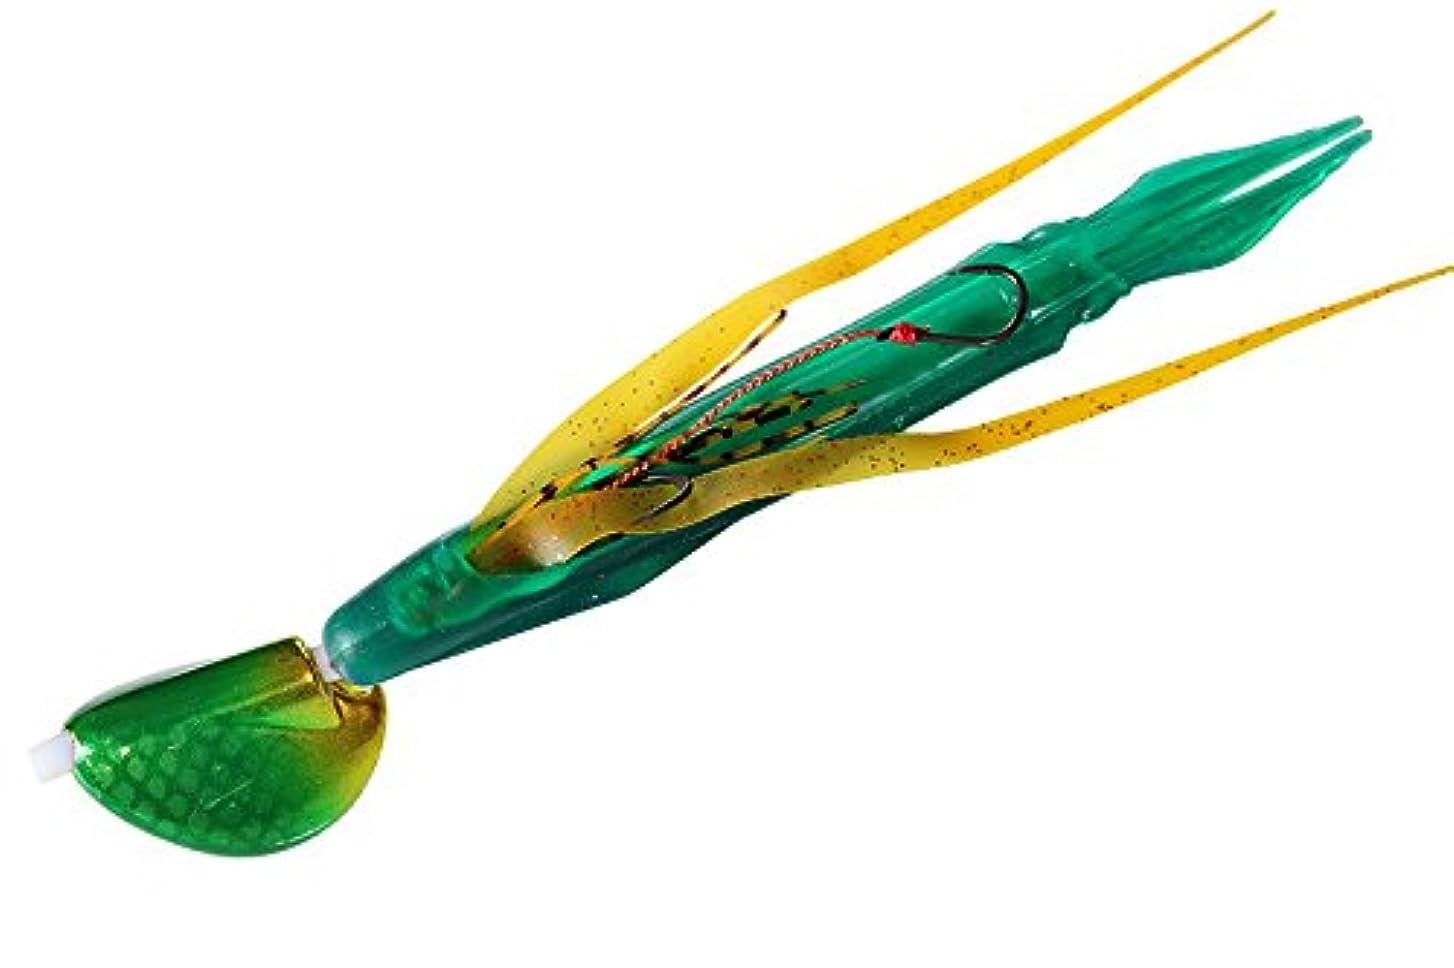 分類人に関する限り猛烈なJACKALL(ジャッカル) タイラバ ビンビン玉 スルメデス 200g メタルグリーン/緑イカ ルアー